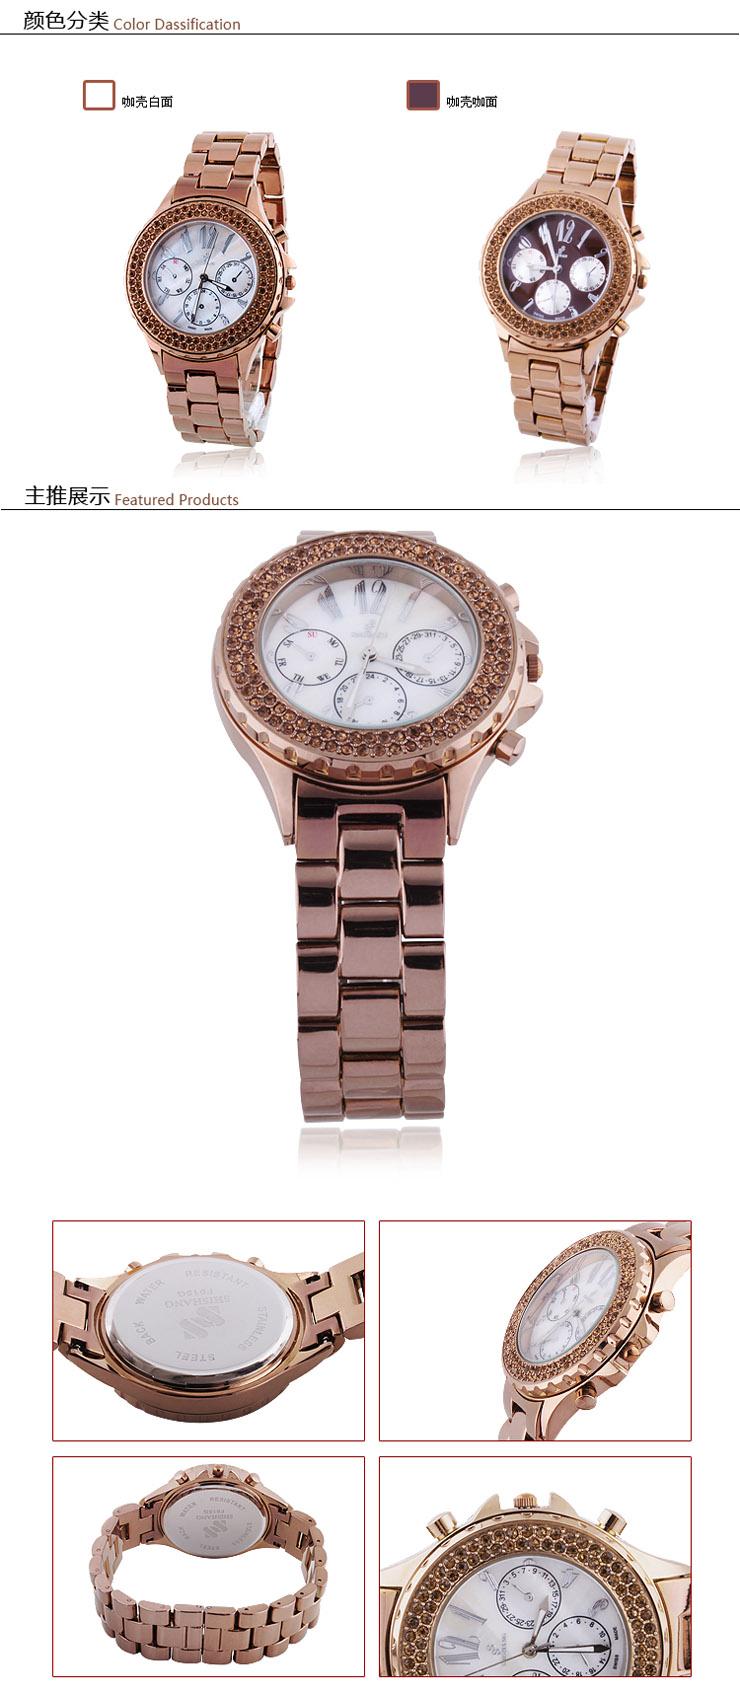 香港ss正品女士手表韩国时尚手表镶钻表钢带表带女式